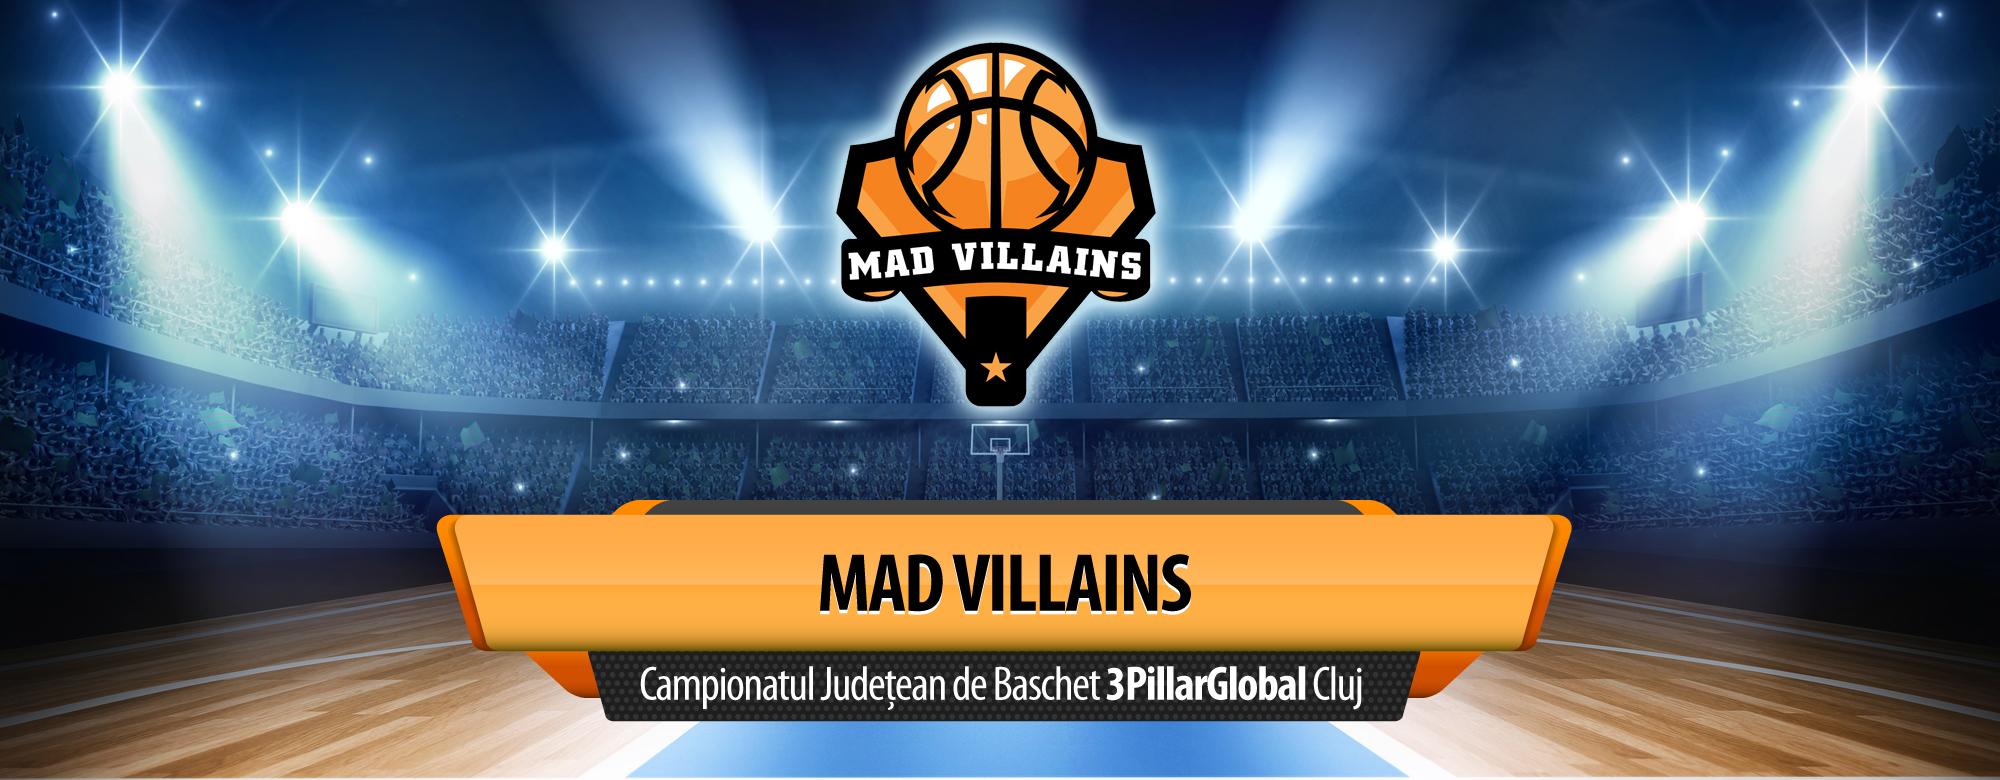 Header-MadVillains